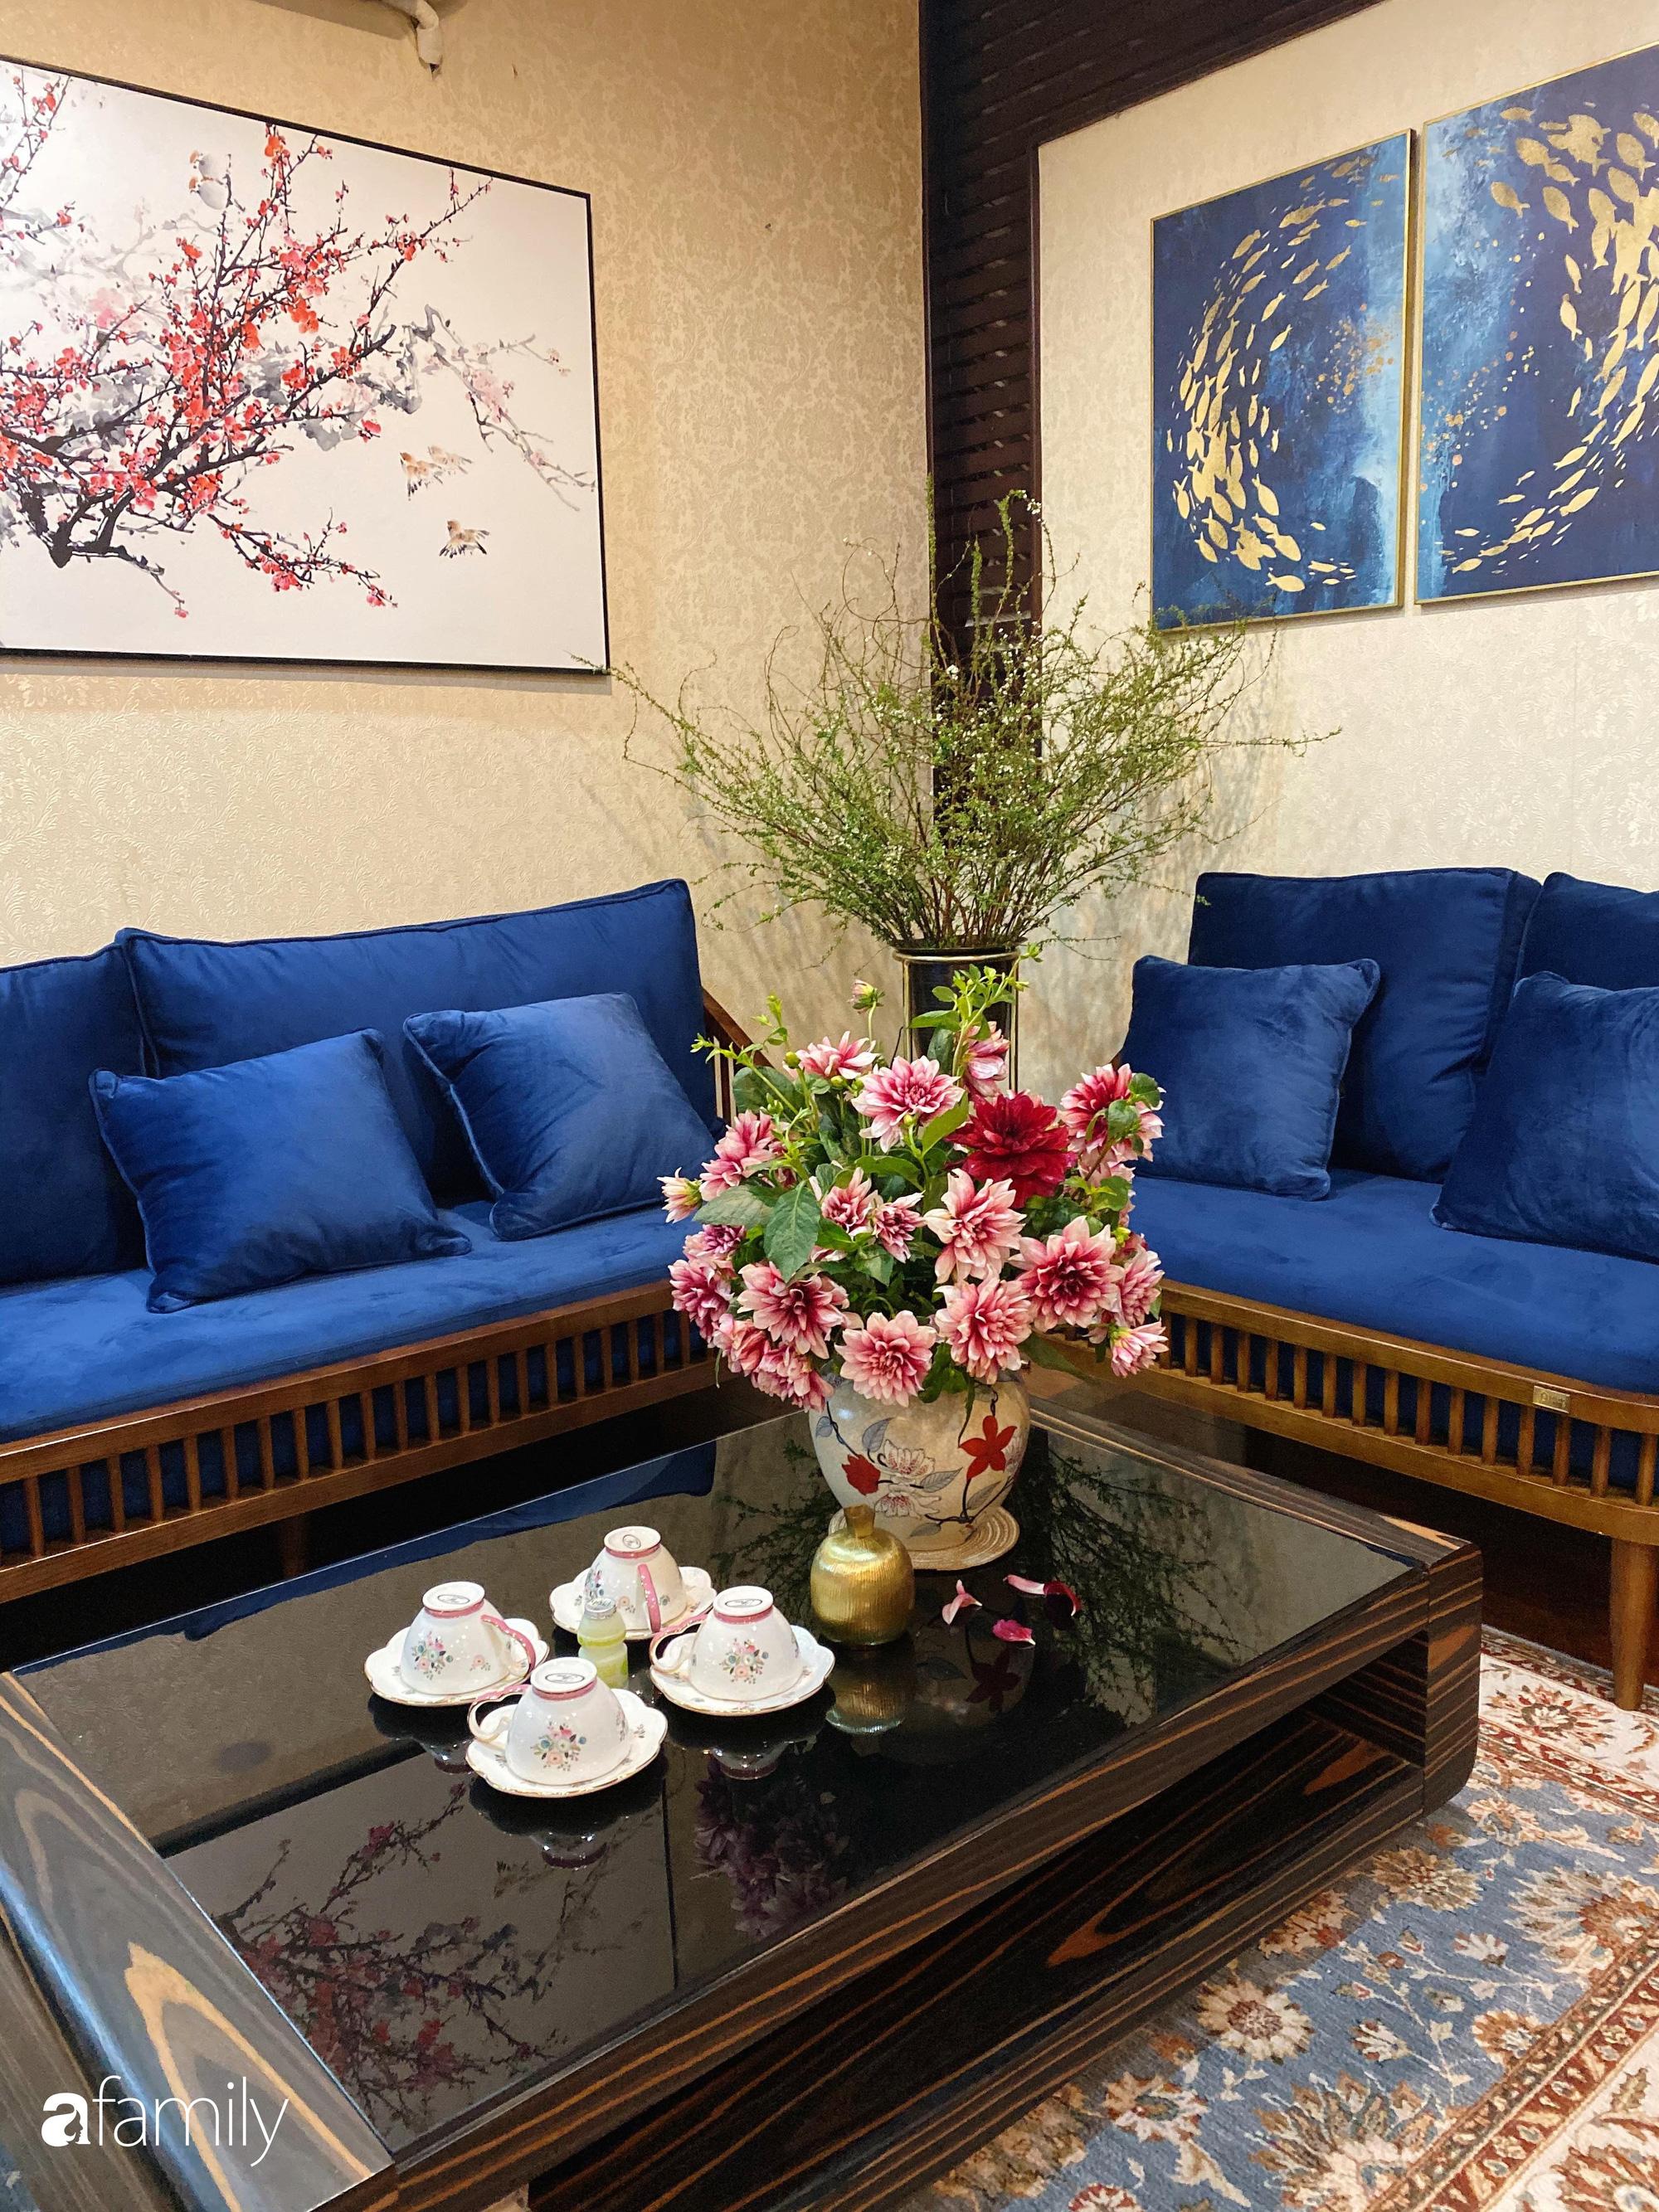 Căn hộ được điểm xuyết vẻ đẹp của ngày Tết truyền thống nhờ bàn tay khéo léo của mẹ trẻ xinh đẹp ở Long Biên, Hà Nội - Ảnh 6.